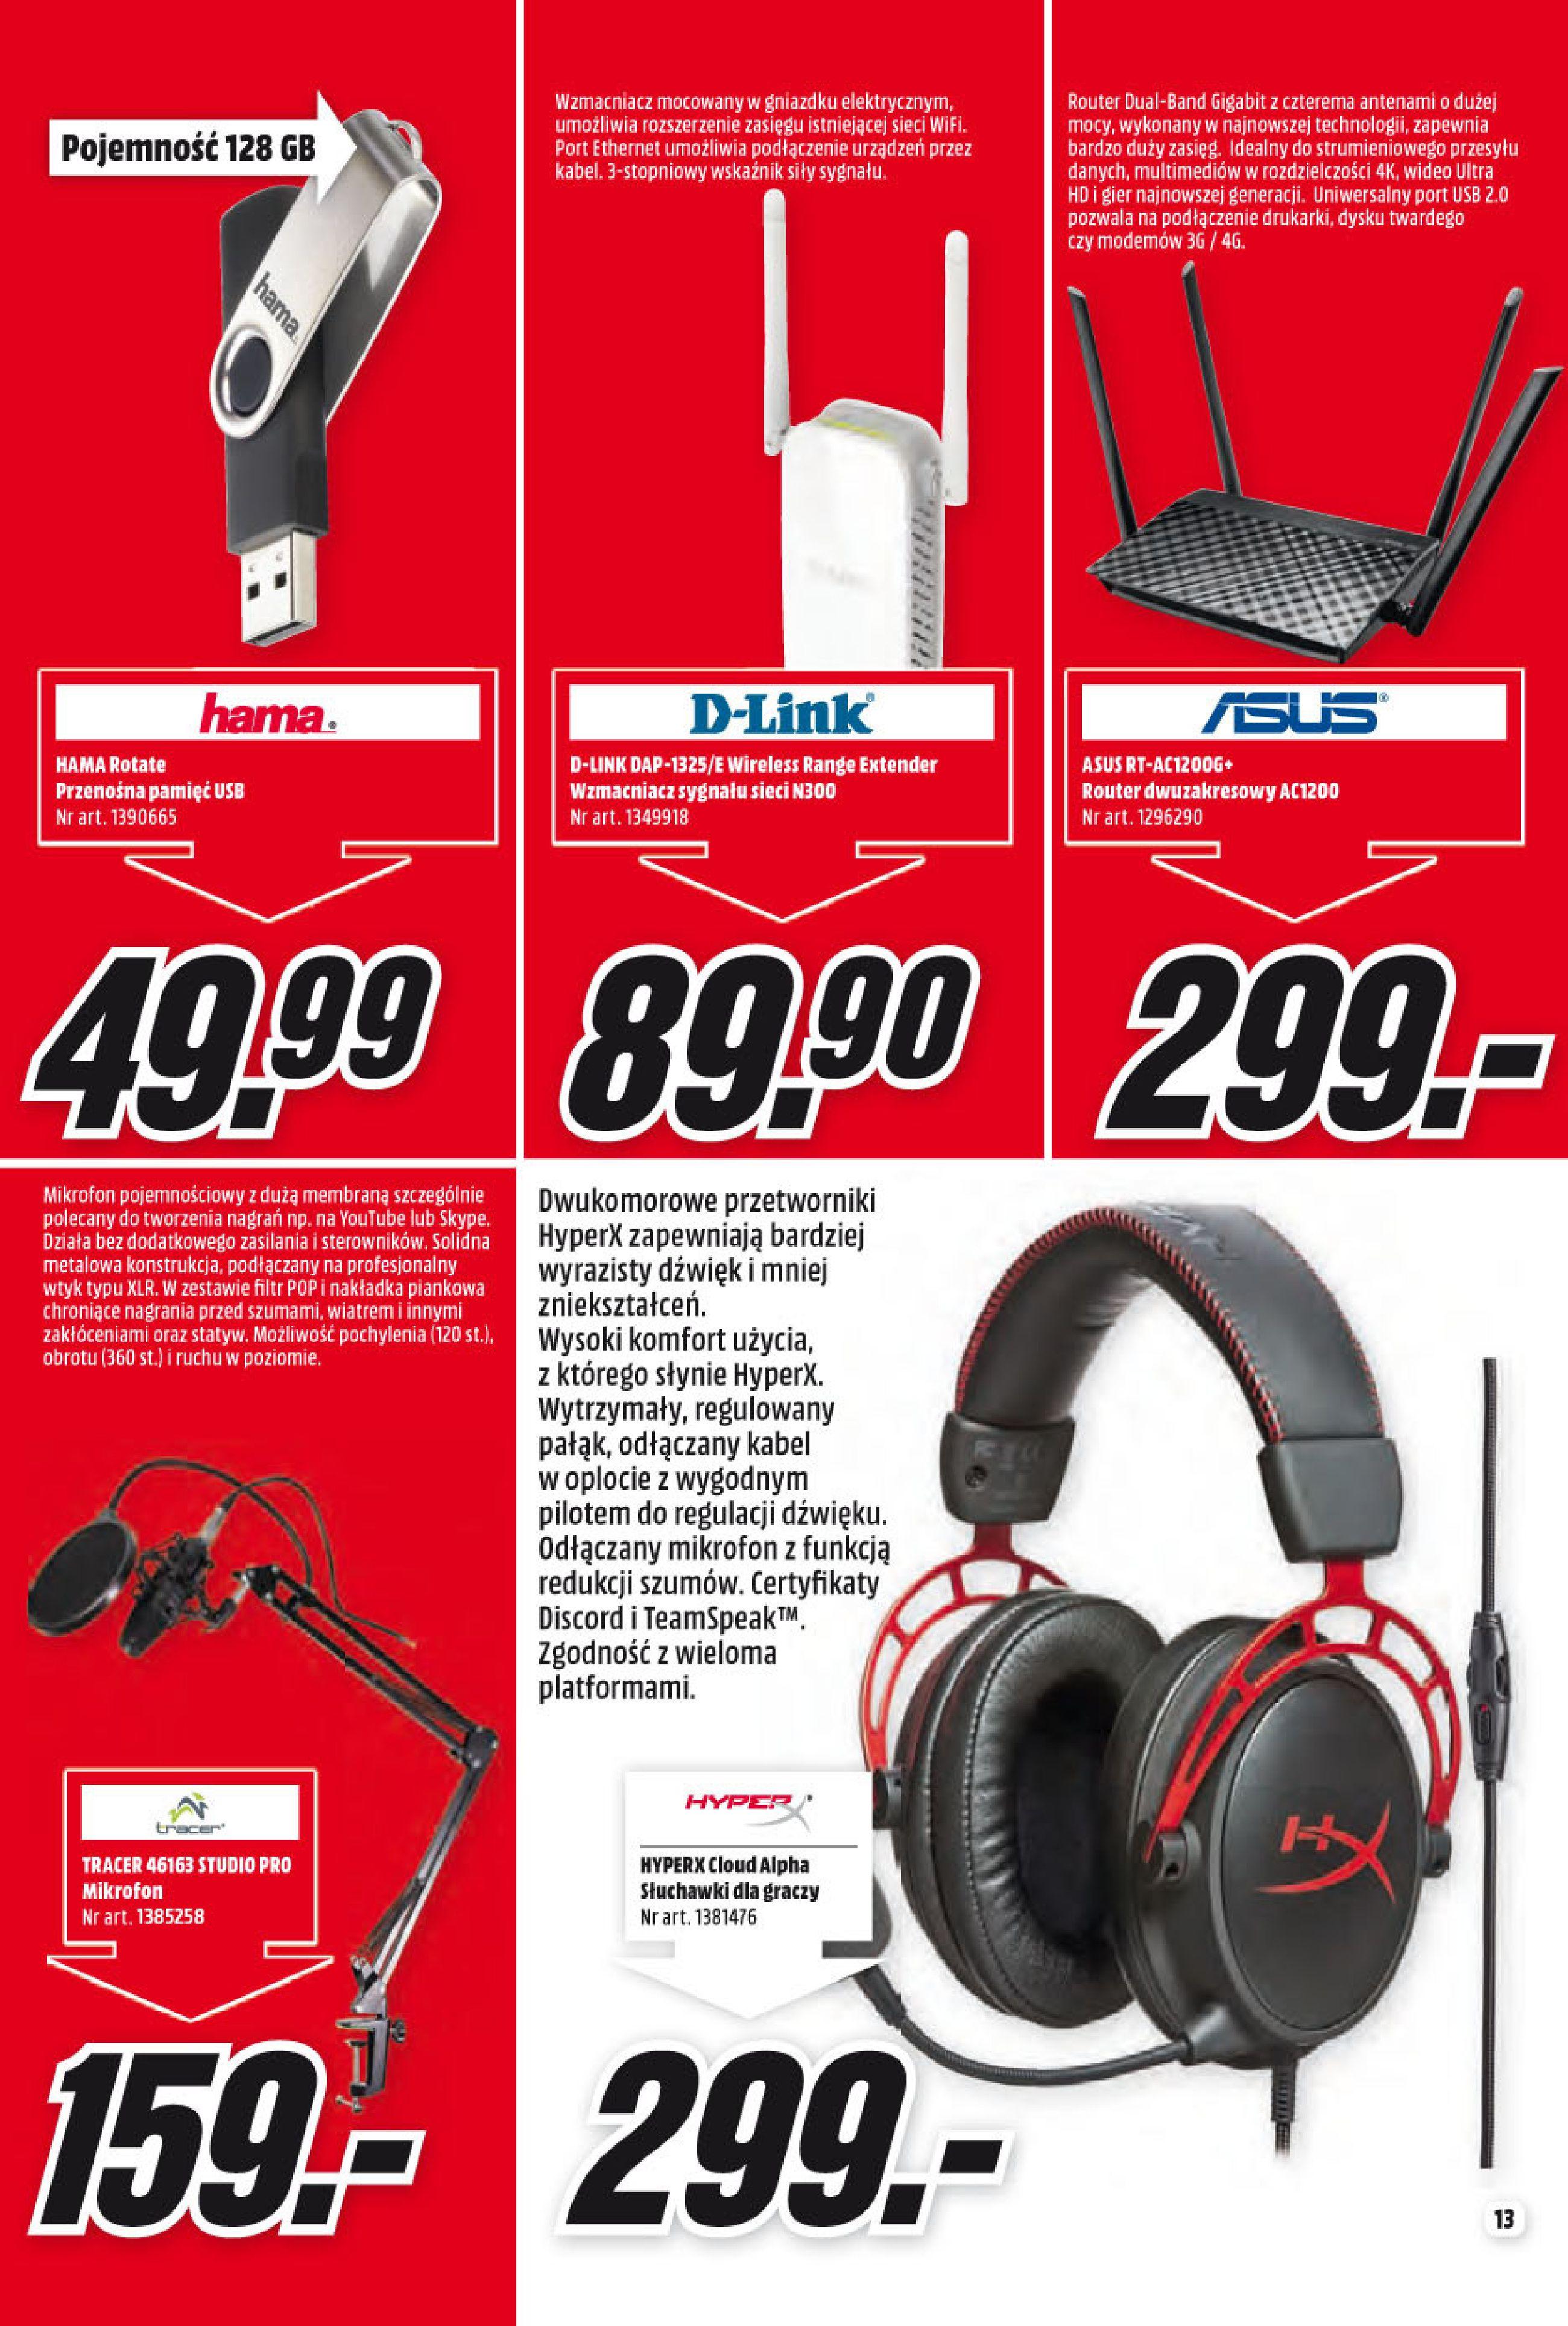 Gazetka Media Markt - Co słychać w rozrywce ?-14.05.2019-31.05.2019-page-